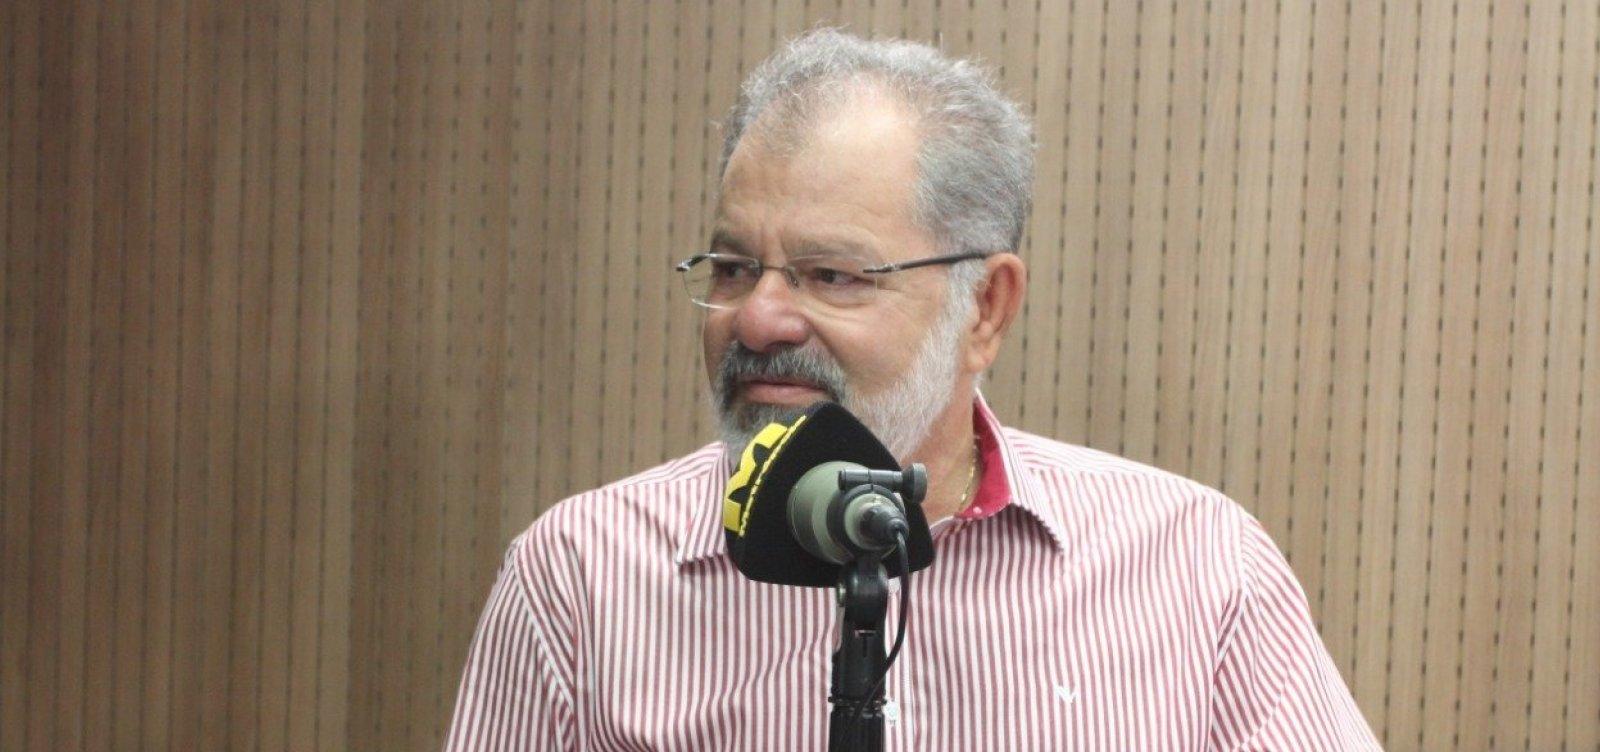 Em ato falho, Marcelo Nilo diz que PT vai tomar 'porrada eleitoral' na eleição presidencial